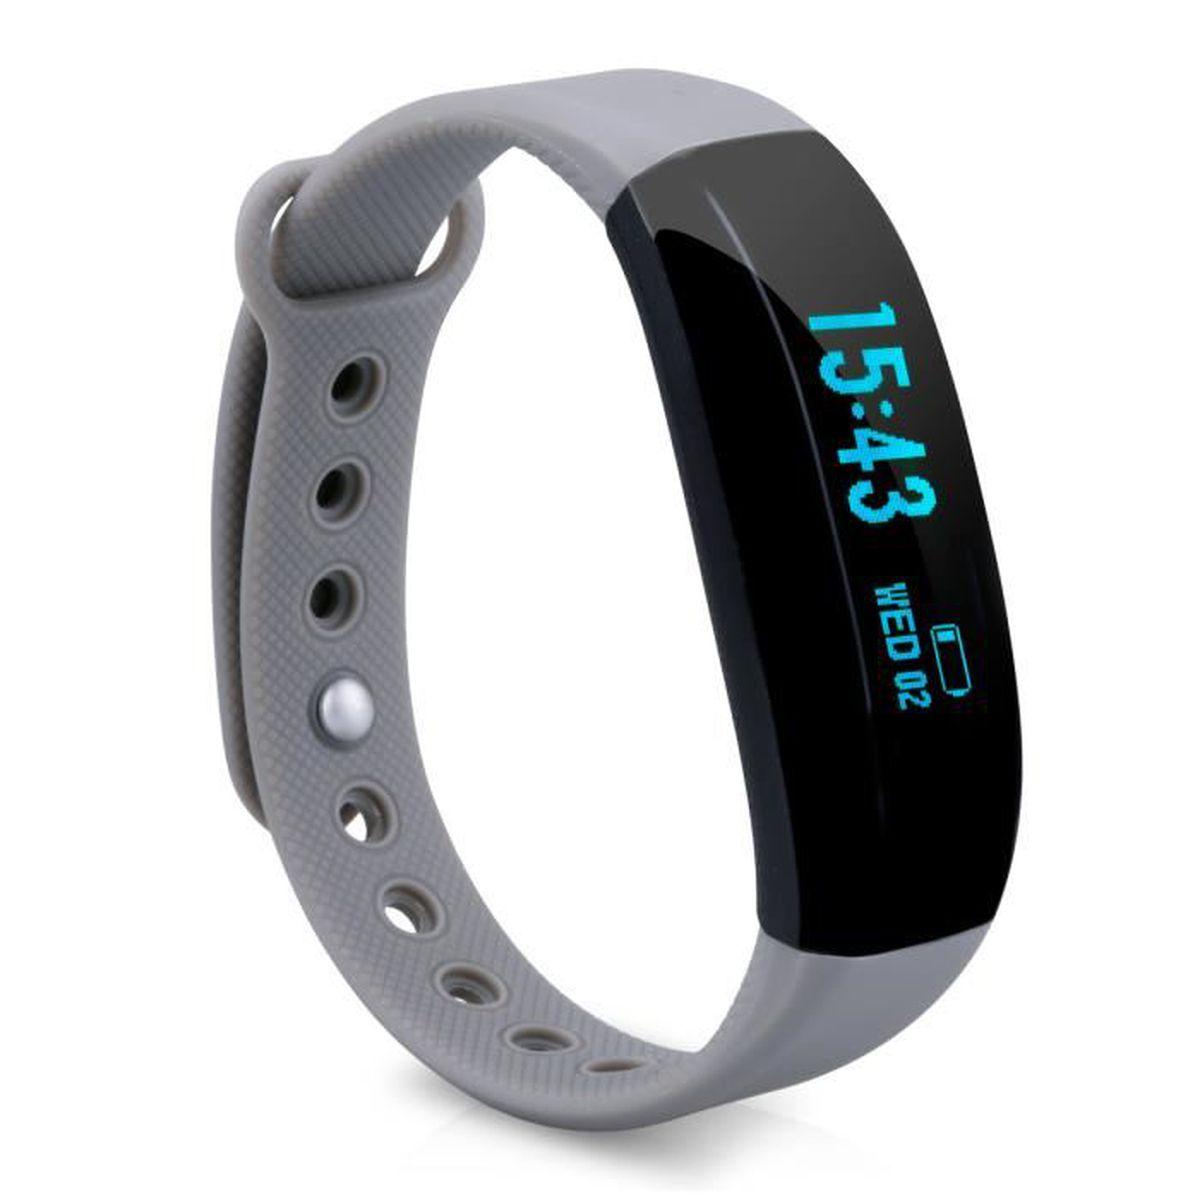 cubot v2 montre connect bracelet d 39 activit suivi fr quence cardiaque sports tracker compatible. Black Bedroom Furniture Sets. Home Design Ideas